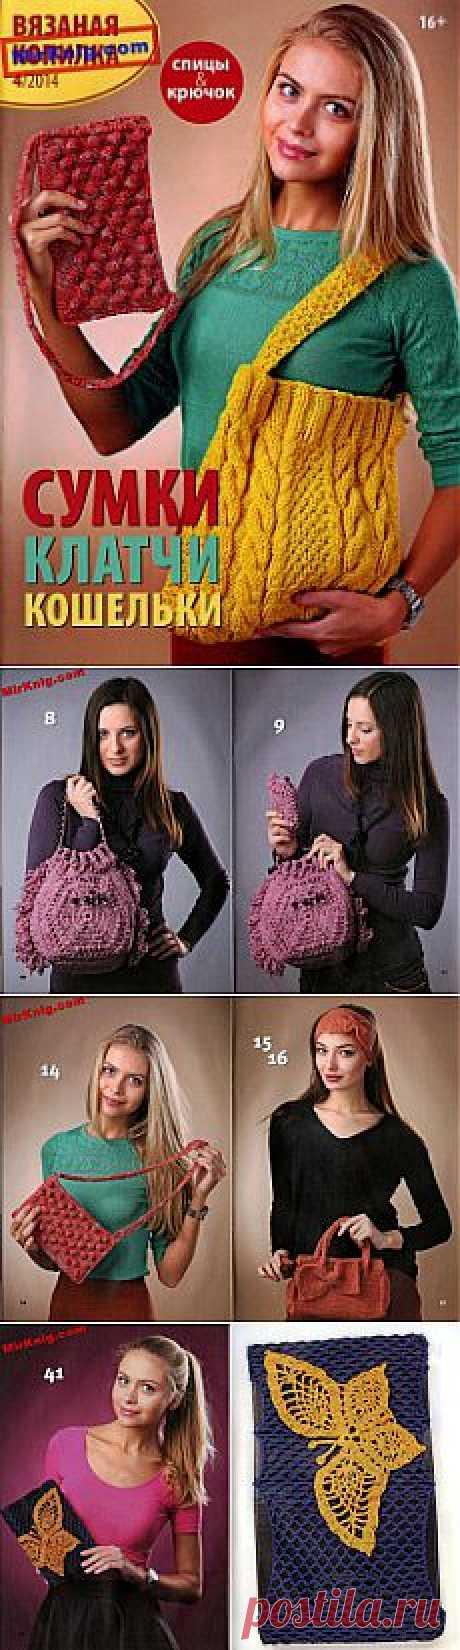 Вязаная копилка №4 2014. Сумки, клатчи, кошельки.